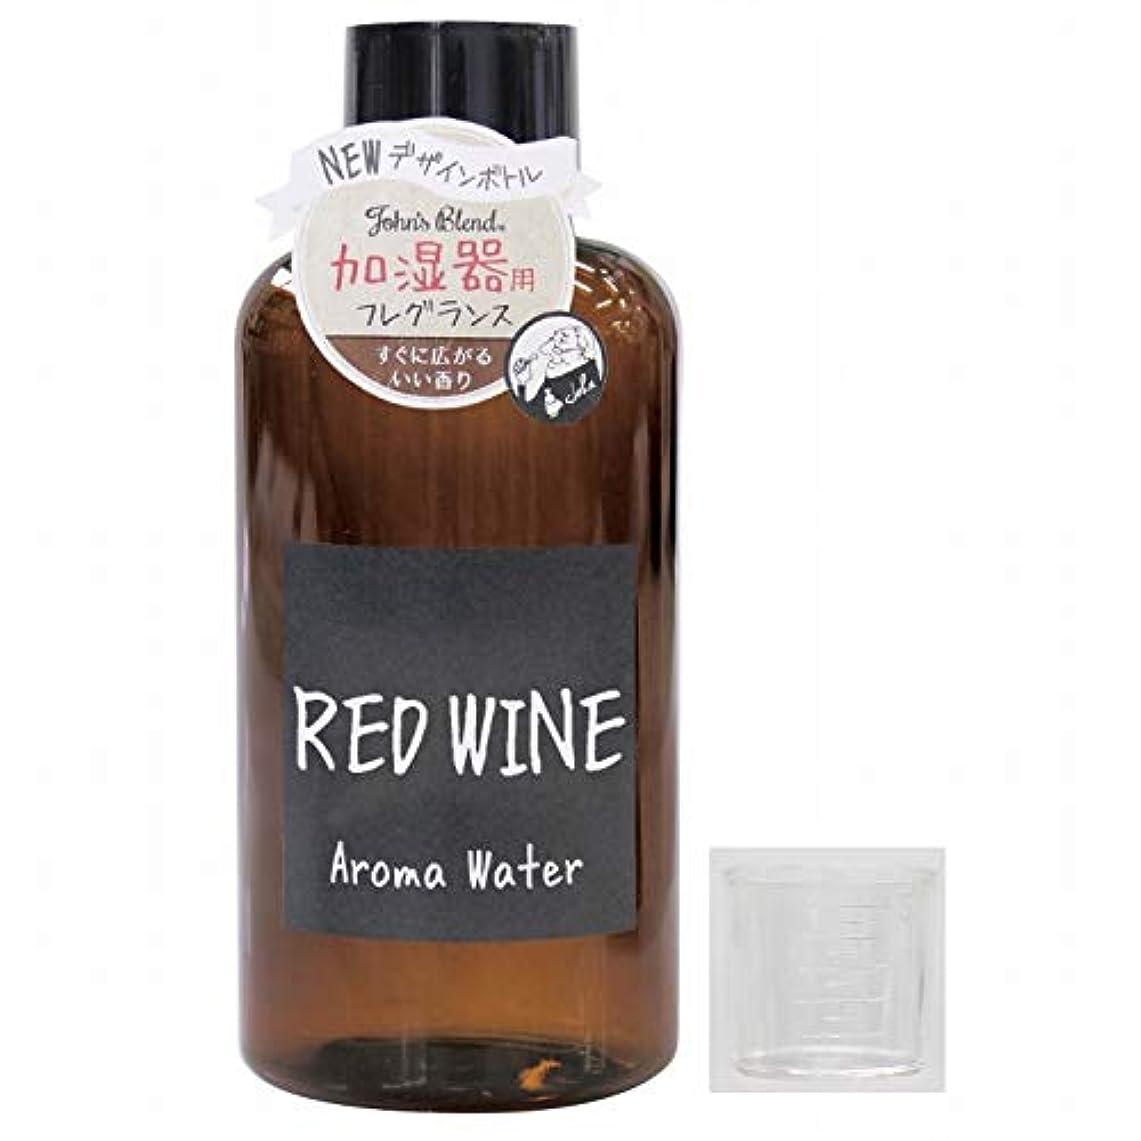 スペル虚偽静かな【計量カップ付き】 JohnsBlend(ジョンズブレンド) アロマウォーター 加湿器用 520ml レッドワインの香り OA-JON-12-5【計量カップのおまけつき】